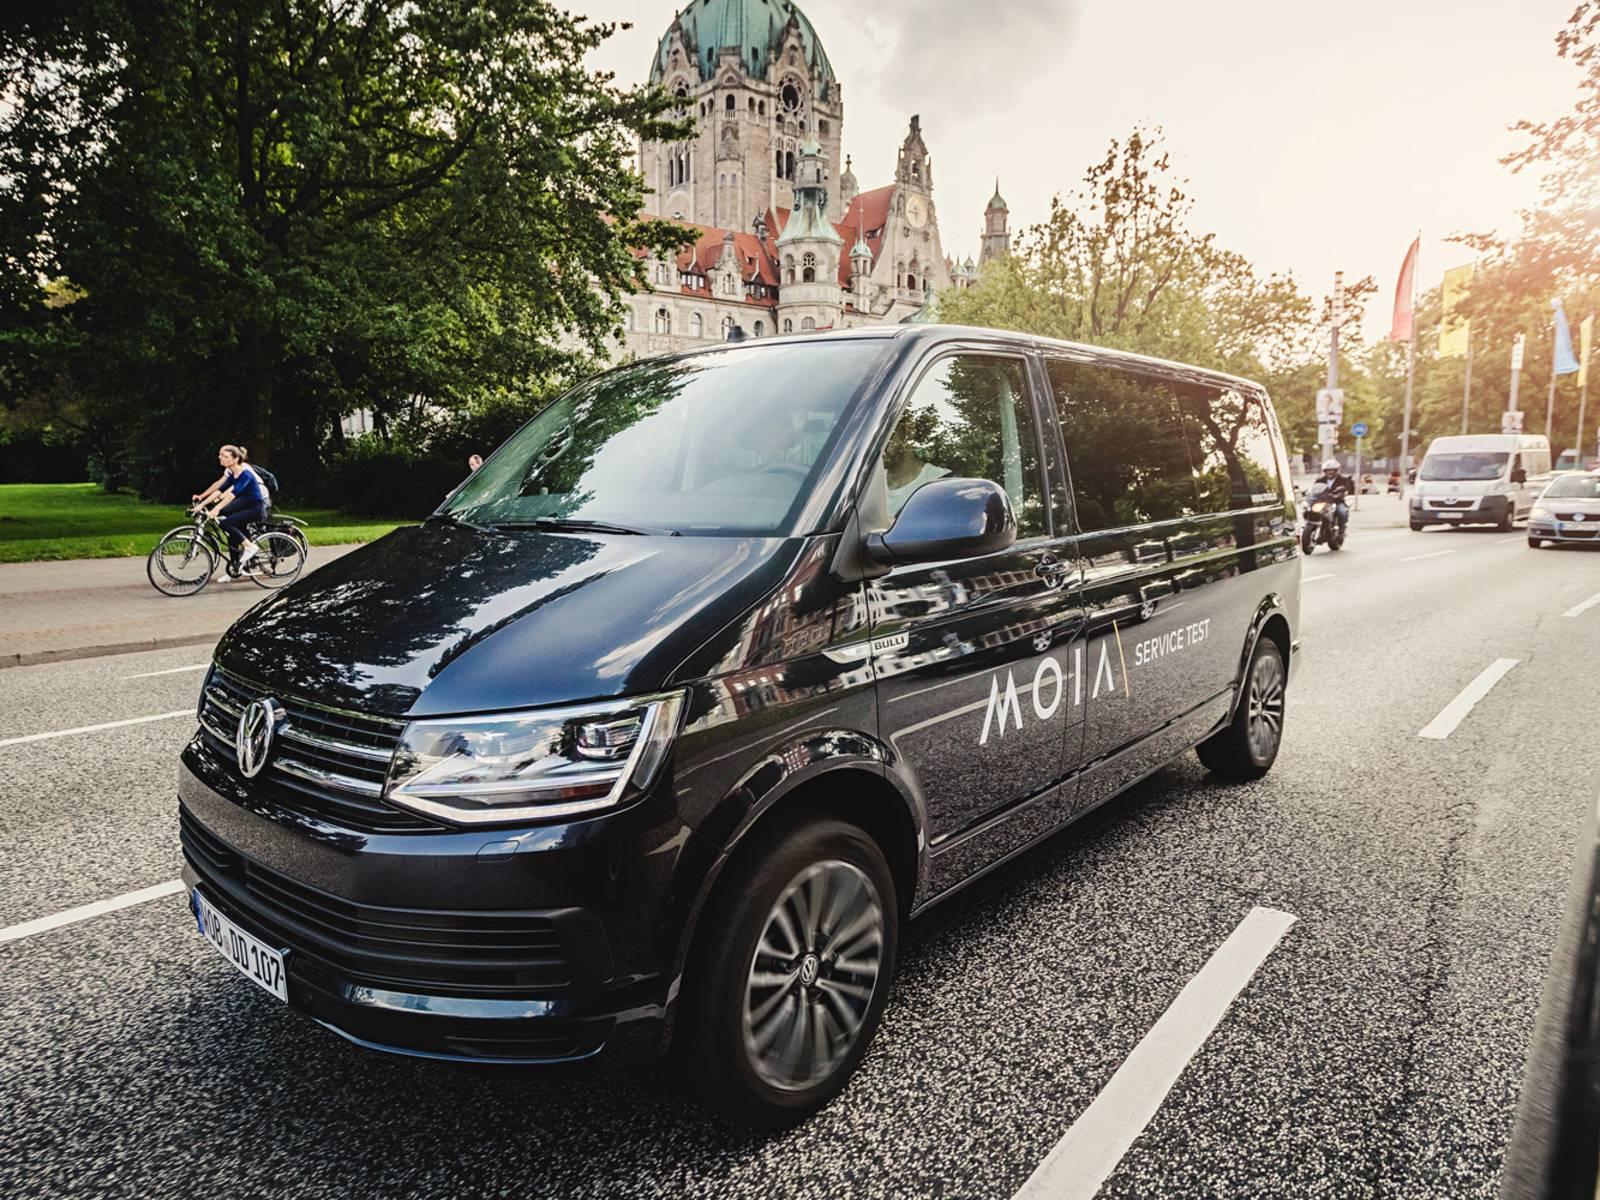 Ein schwarzer Van fährt vor dem Neuen Rathaus in Hannover.